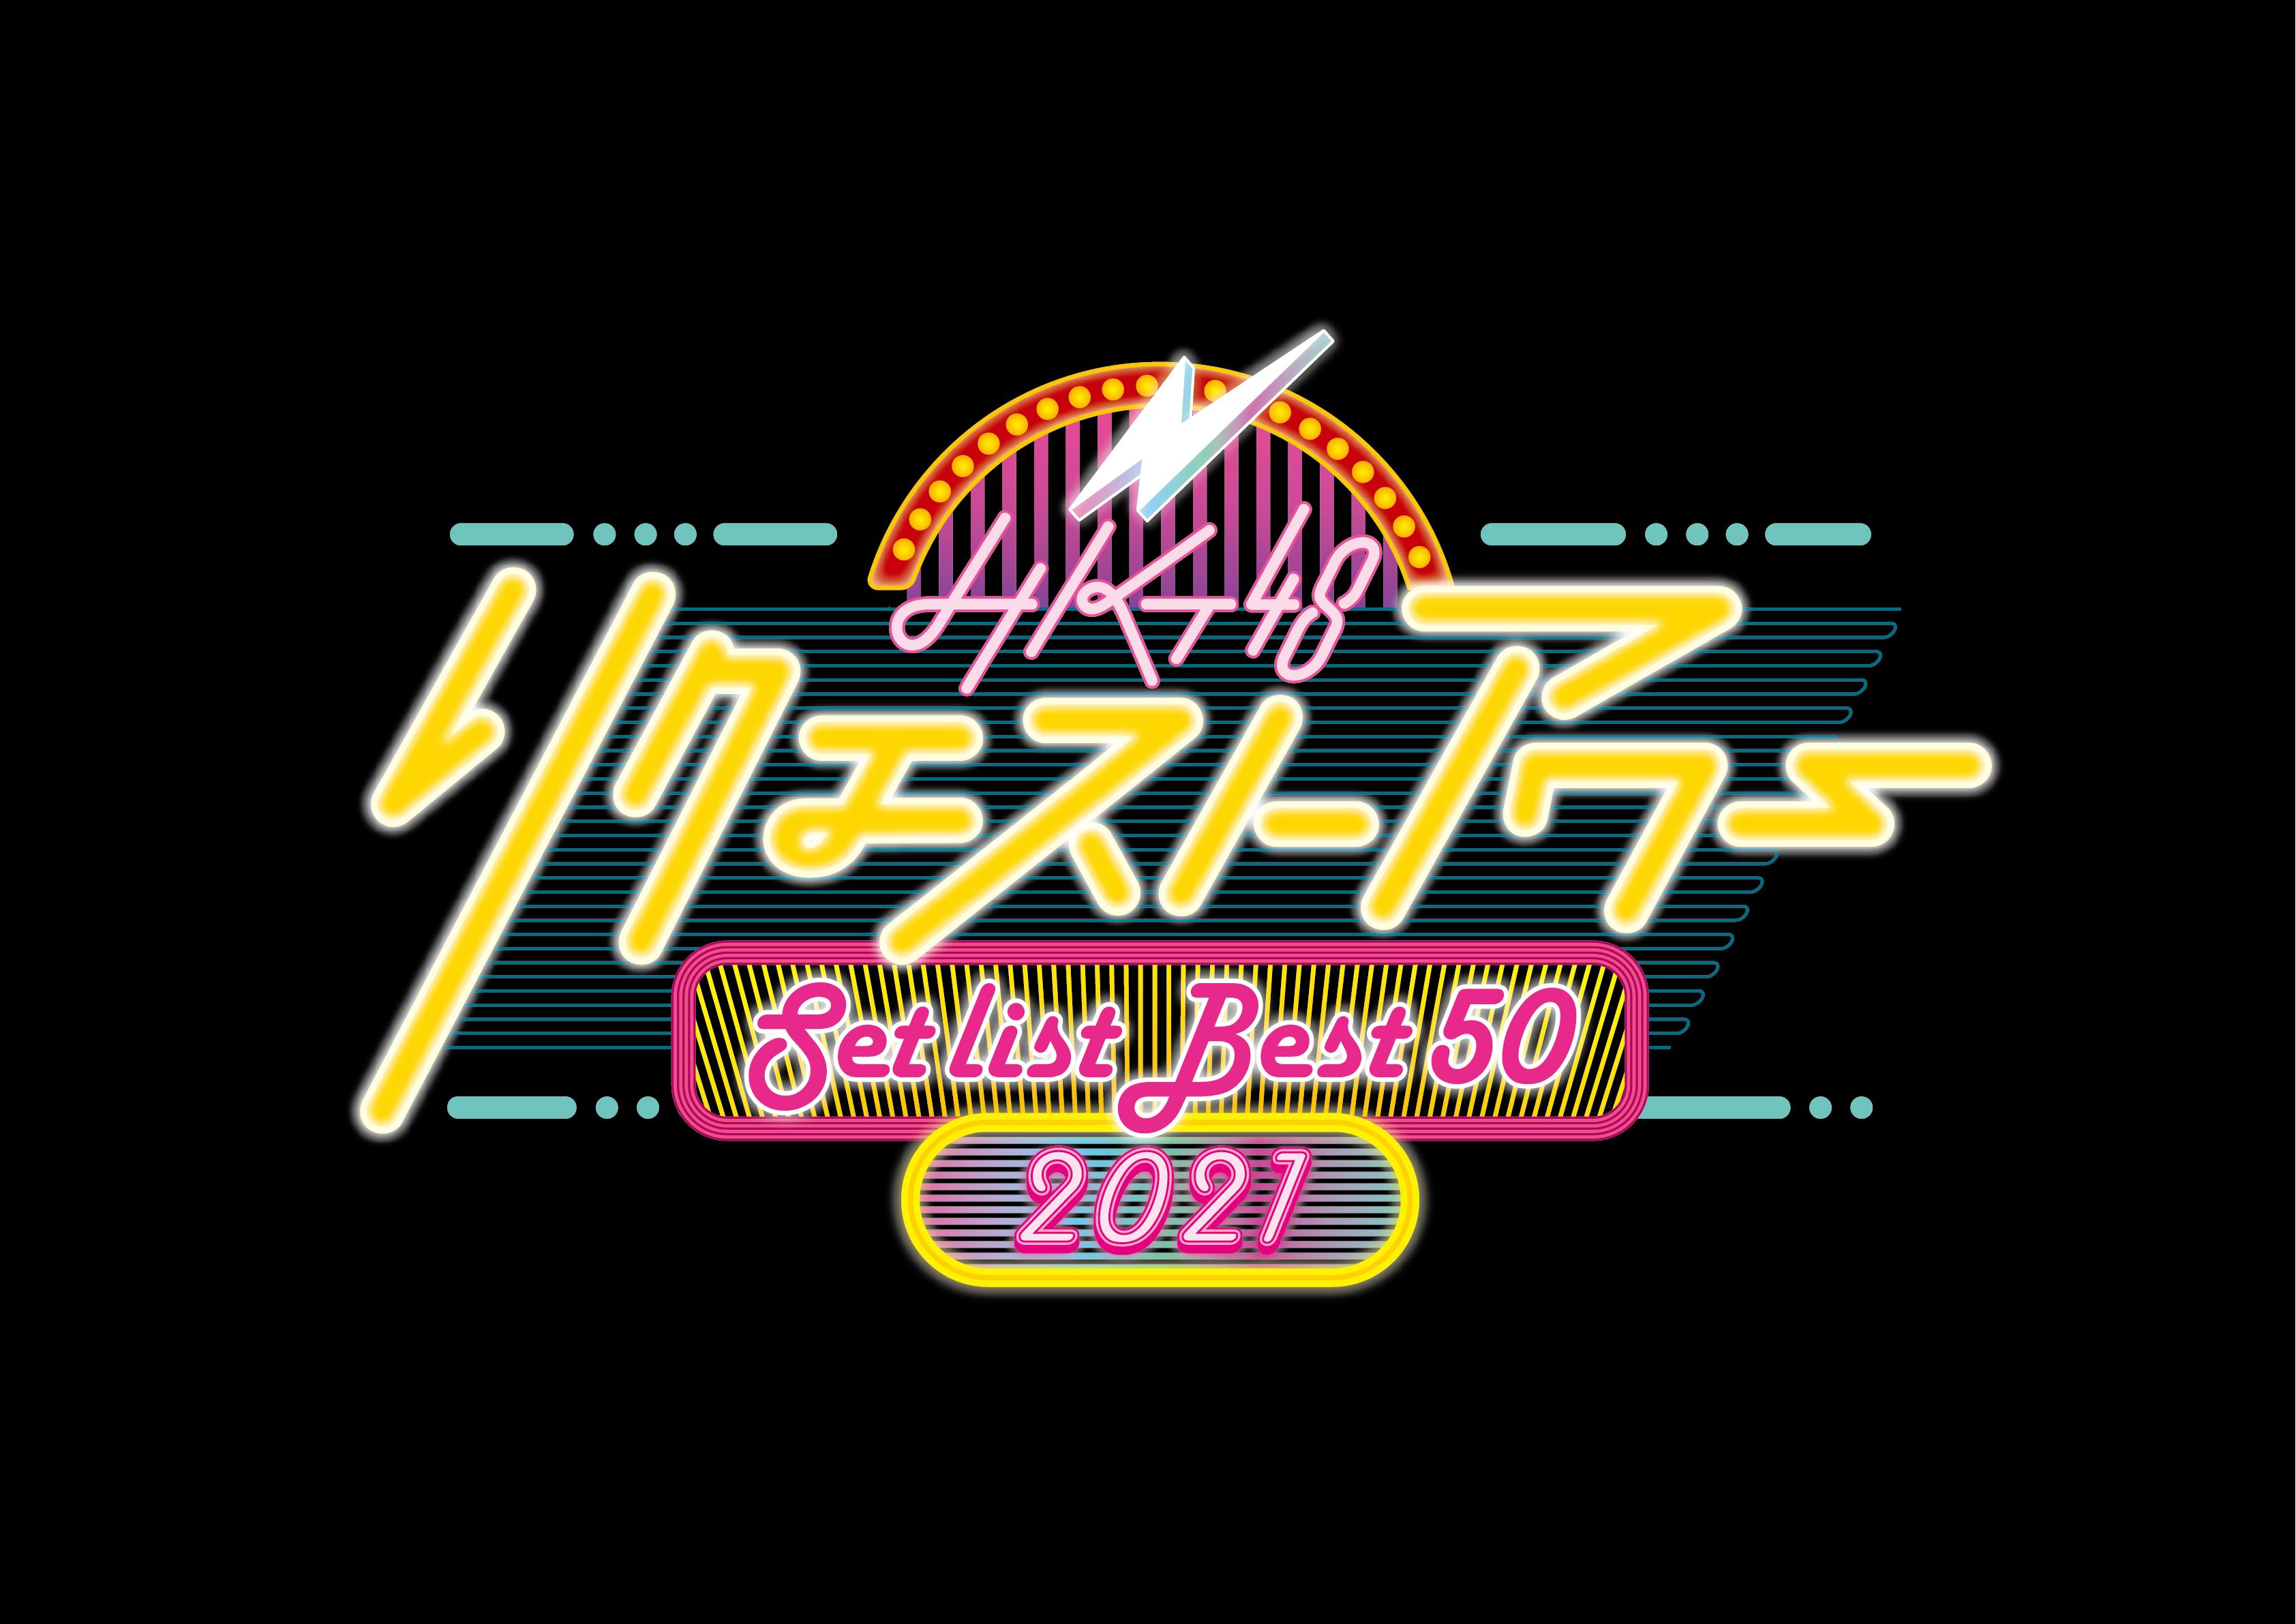 HKT48リクエストアワーセットリストベスト50 2021 TOP3特別ダイジェスト公開!